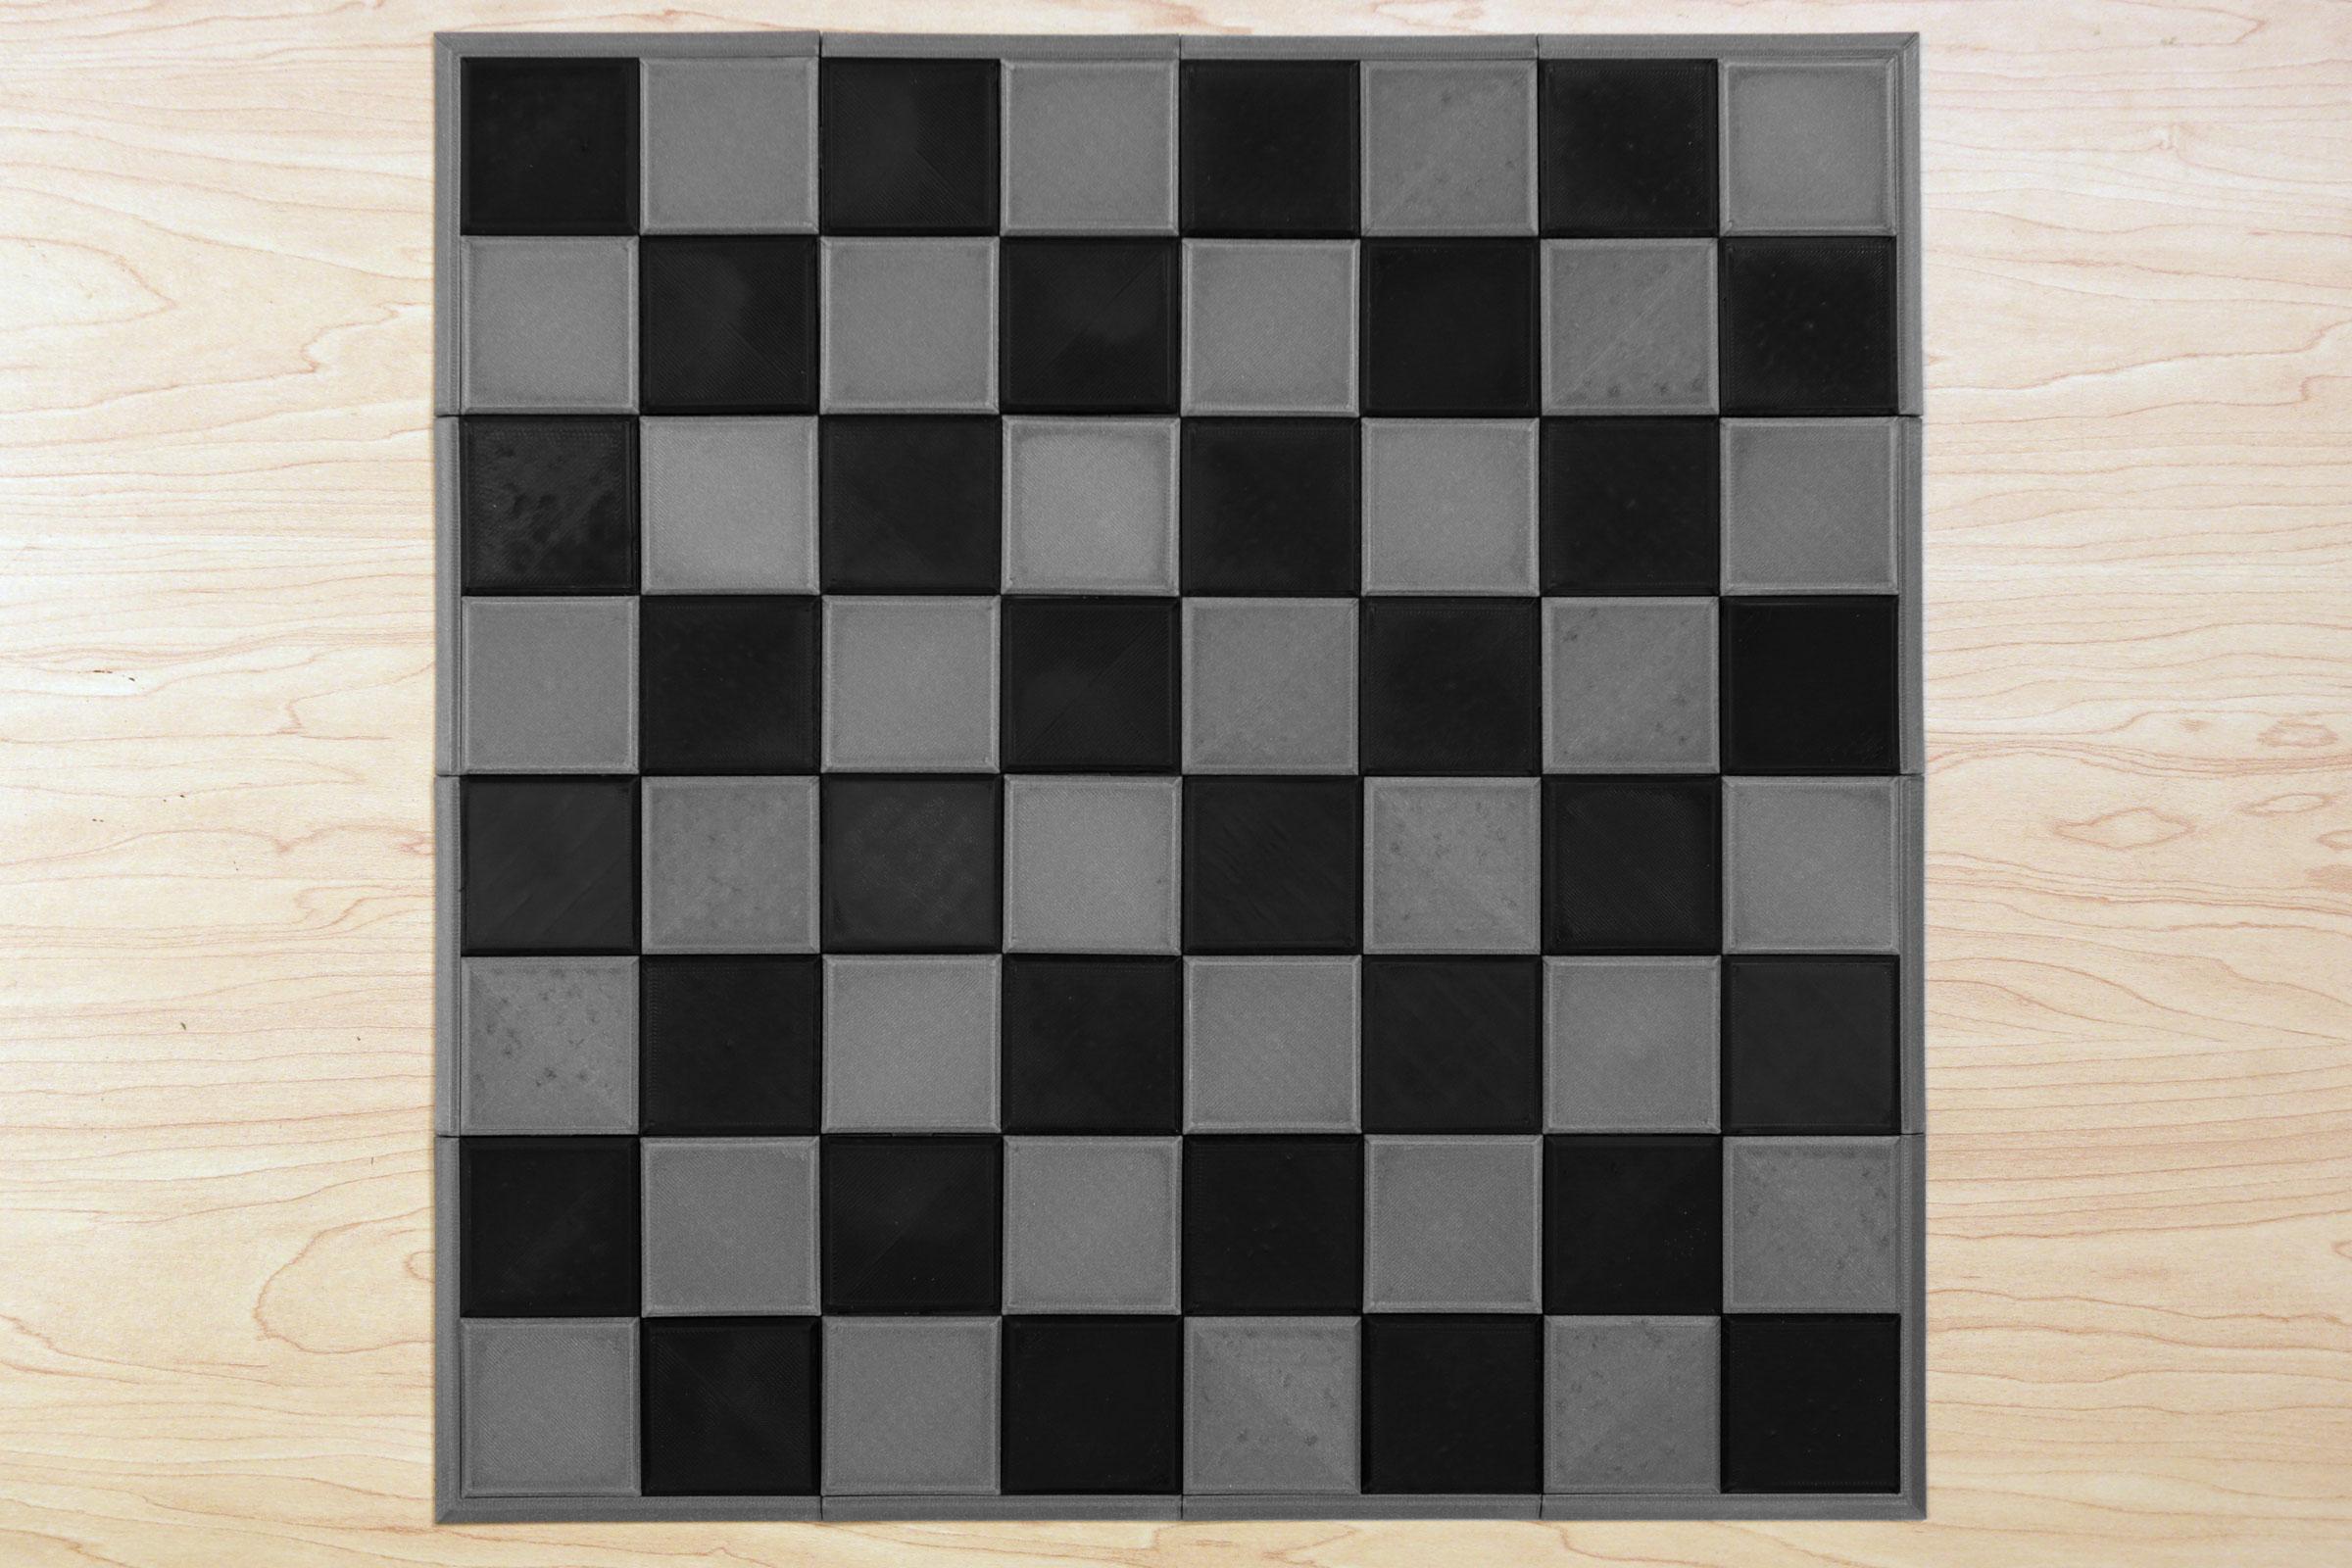 circuit_playground_chess-board.jpg